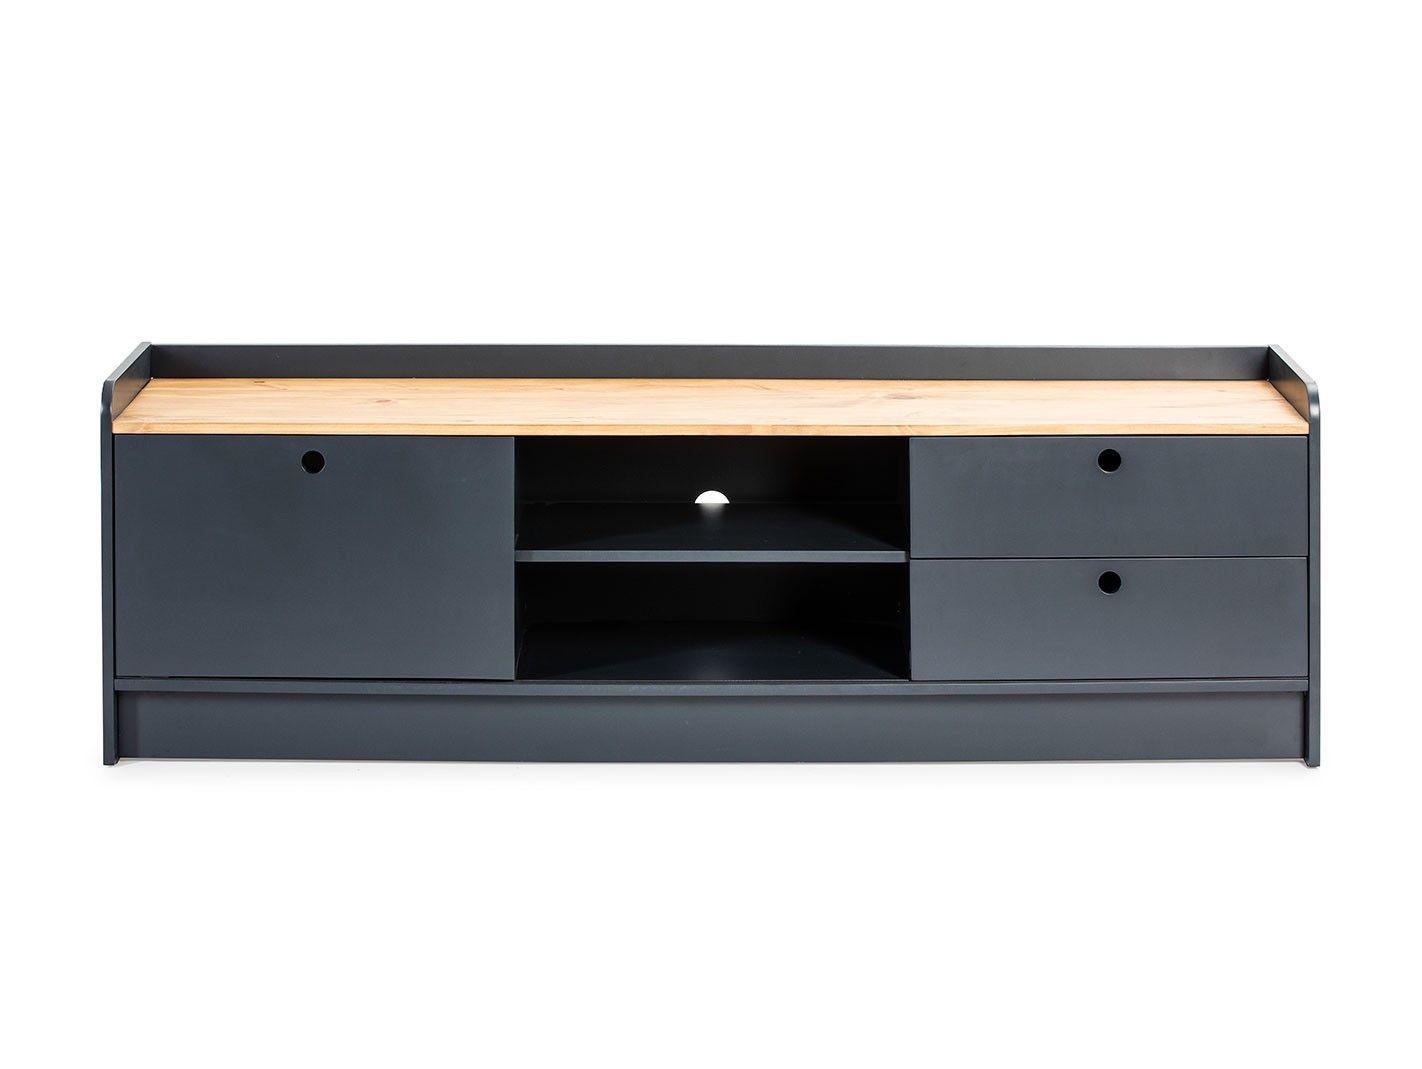 Galan de noche mueble conforama cheap design espejos de for Conforama espejos dormitorio